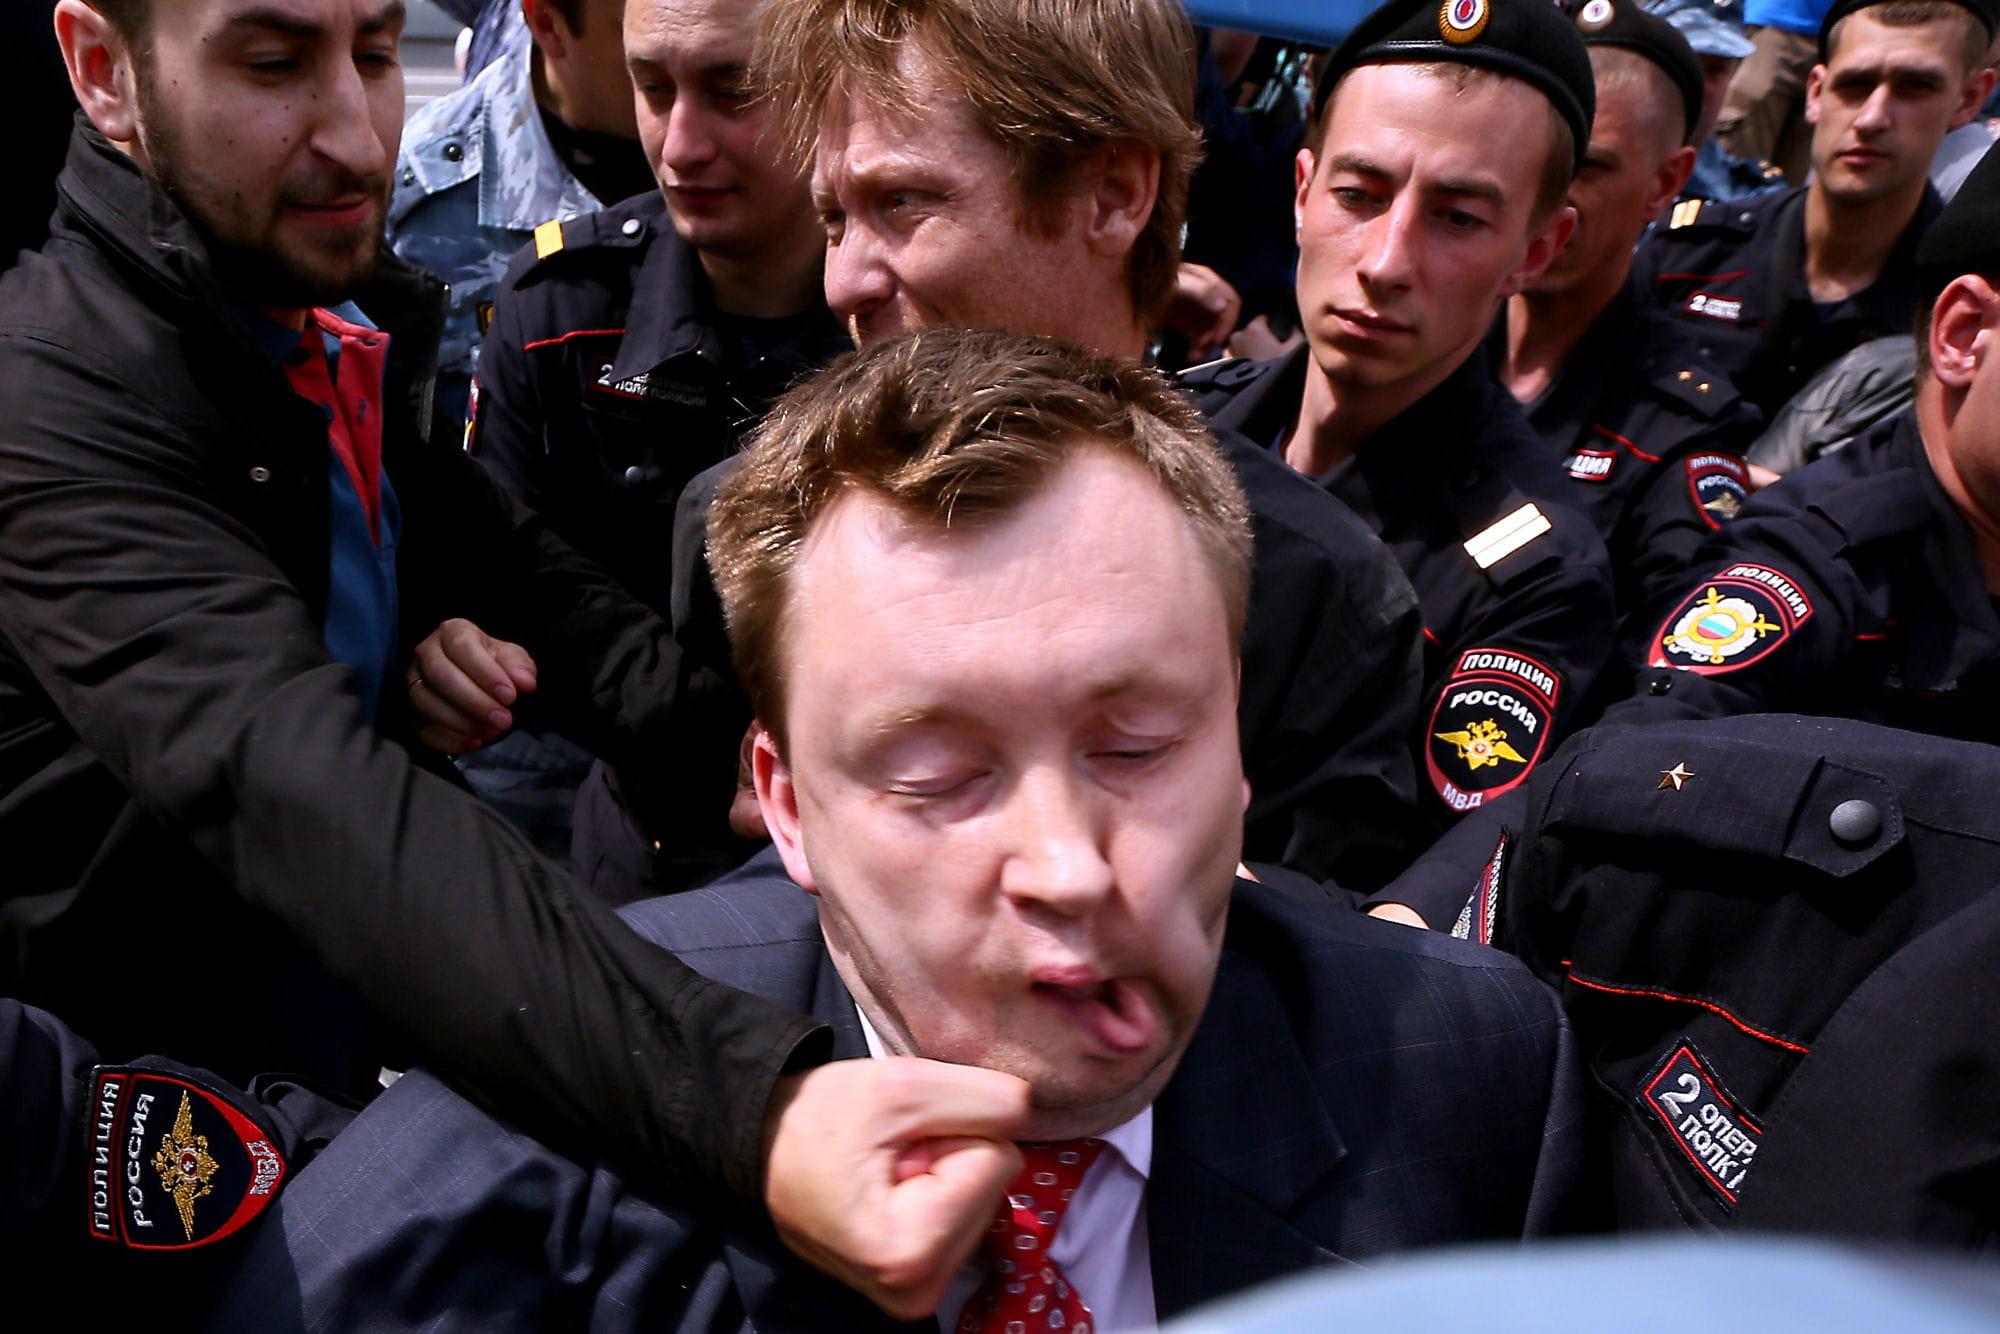 nikolay-alekseev-gey